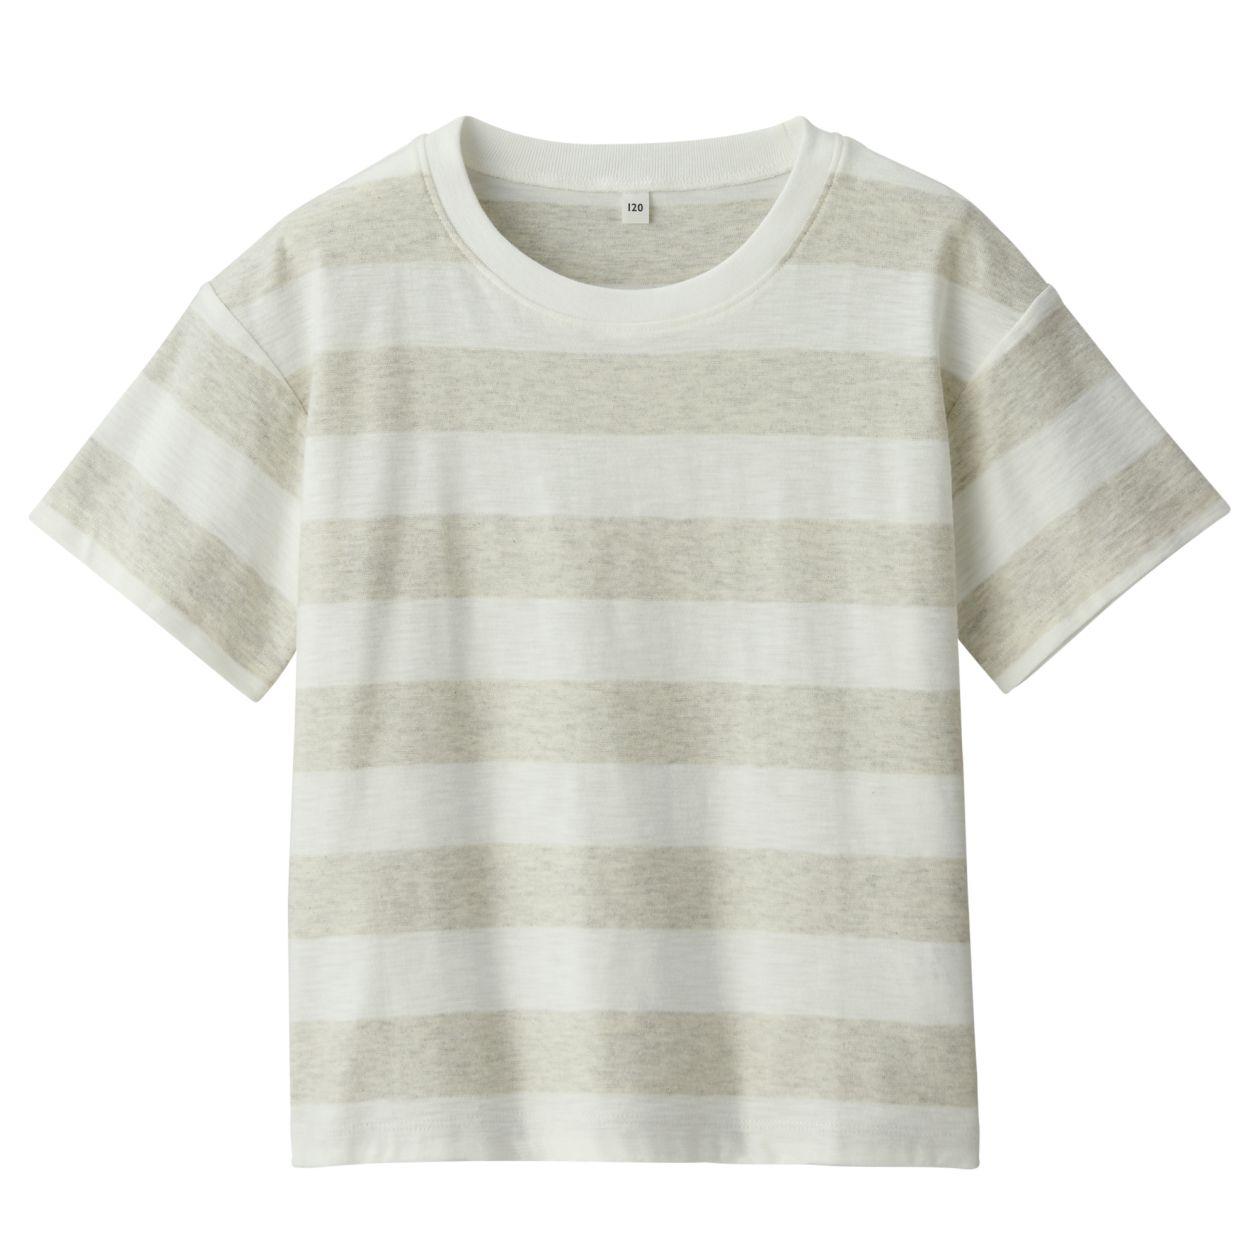 ムラ糸天竺編みボーダー半袖ワイドTシャツ(キッズ)